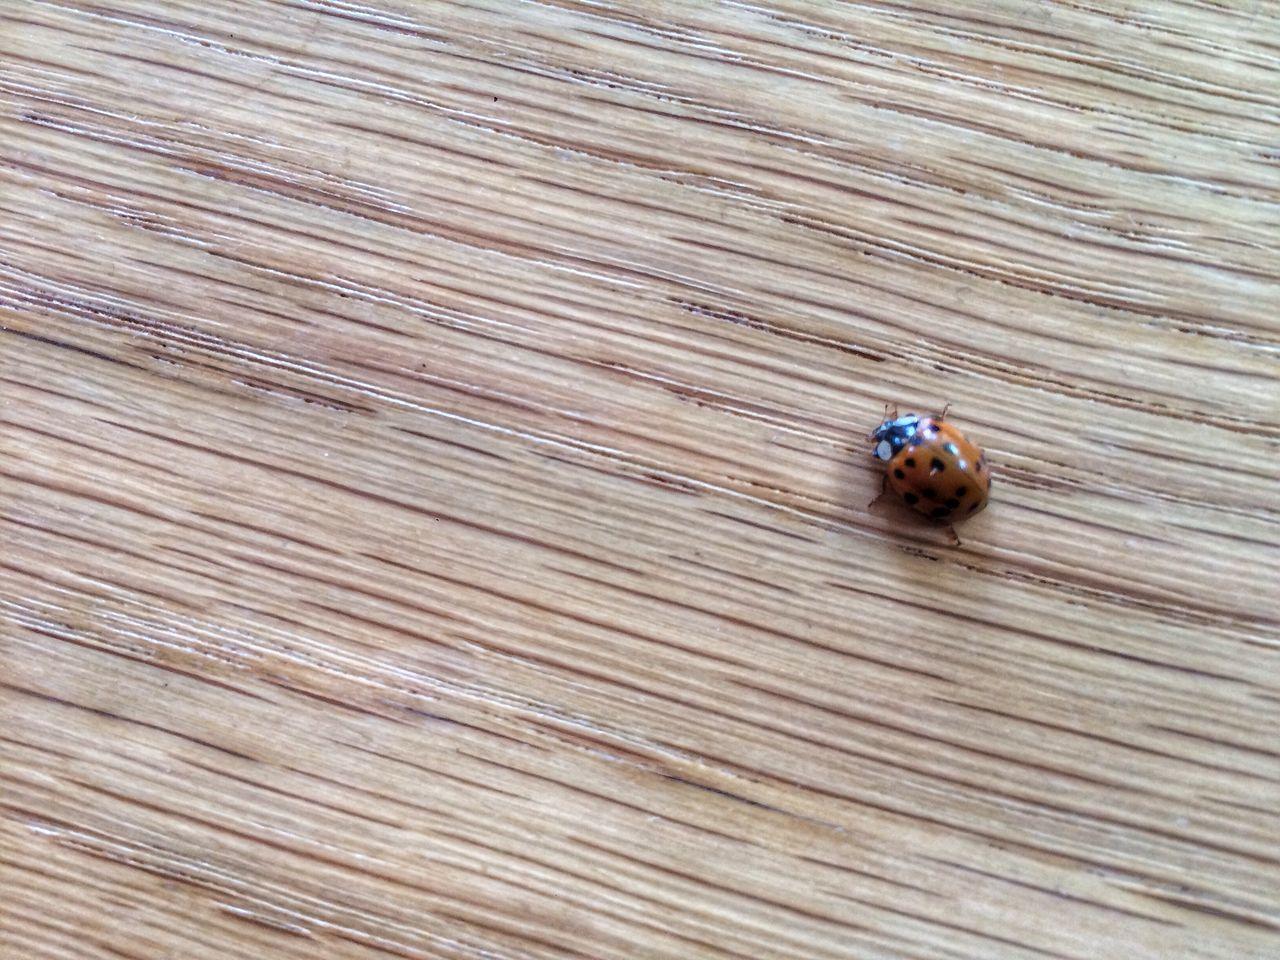 Ladybug Animal Themes Animal Wildlife Ladybug Nature Outdoors Red Red And Black Wood